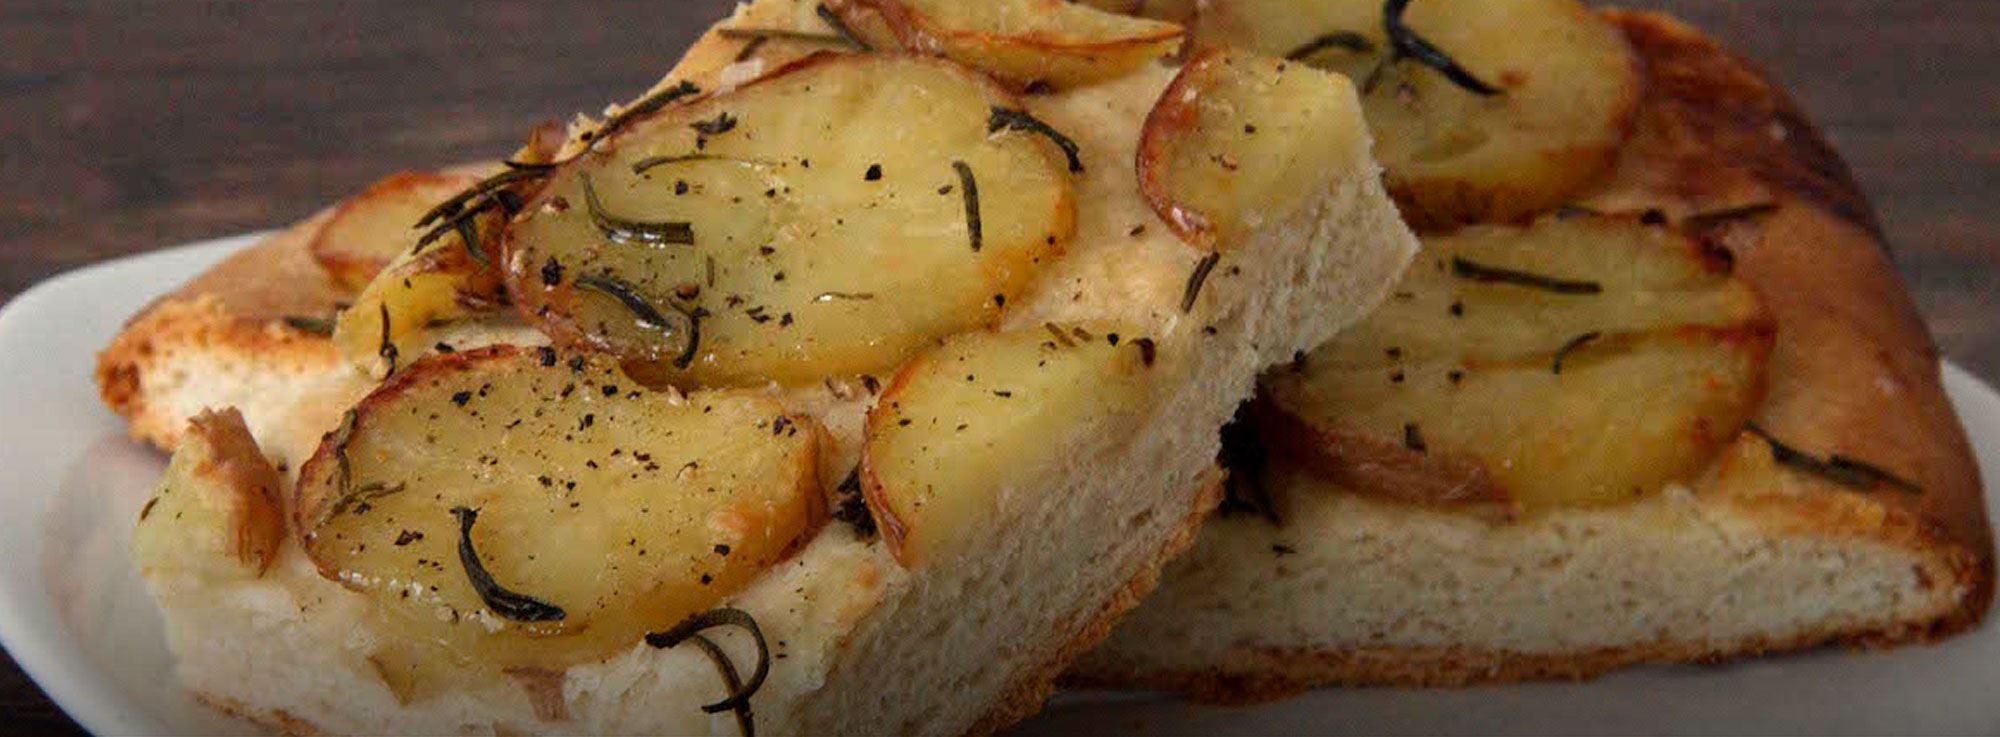 Ricetta: Focaccia con patate e rosmarino